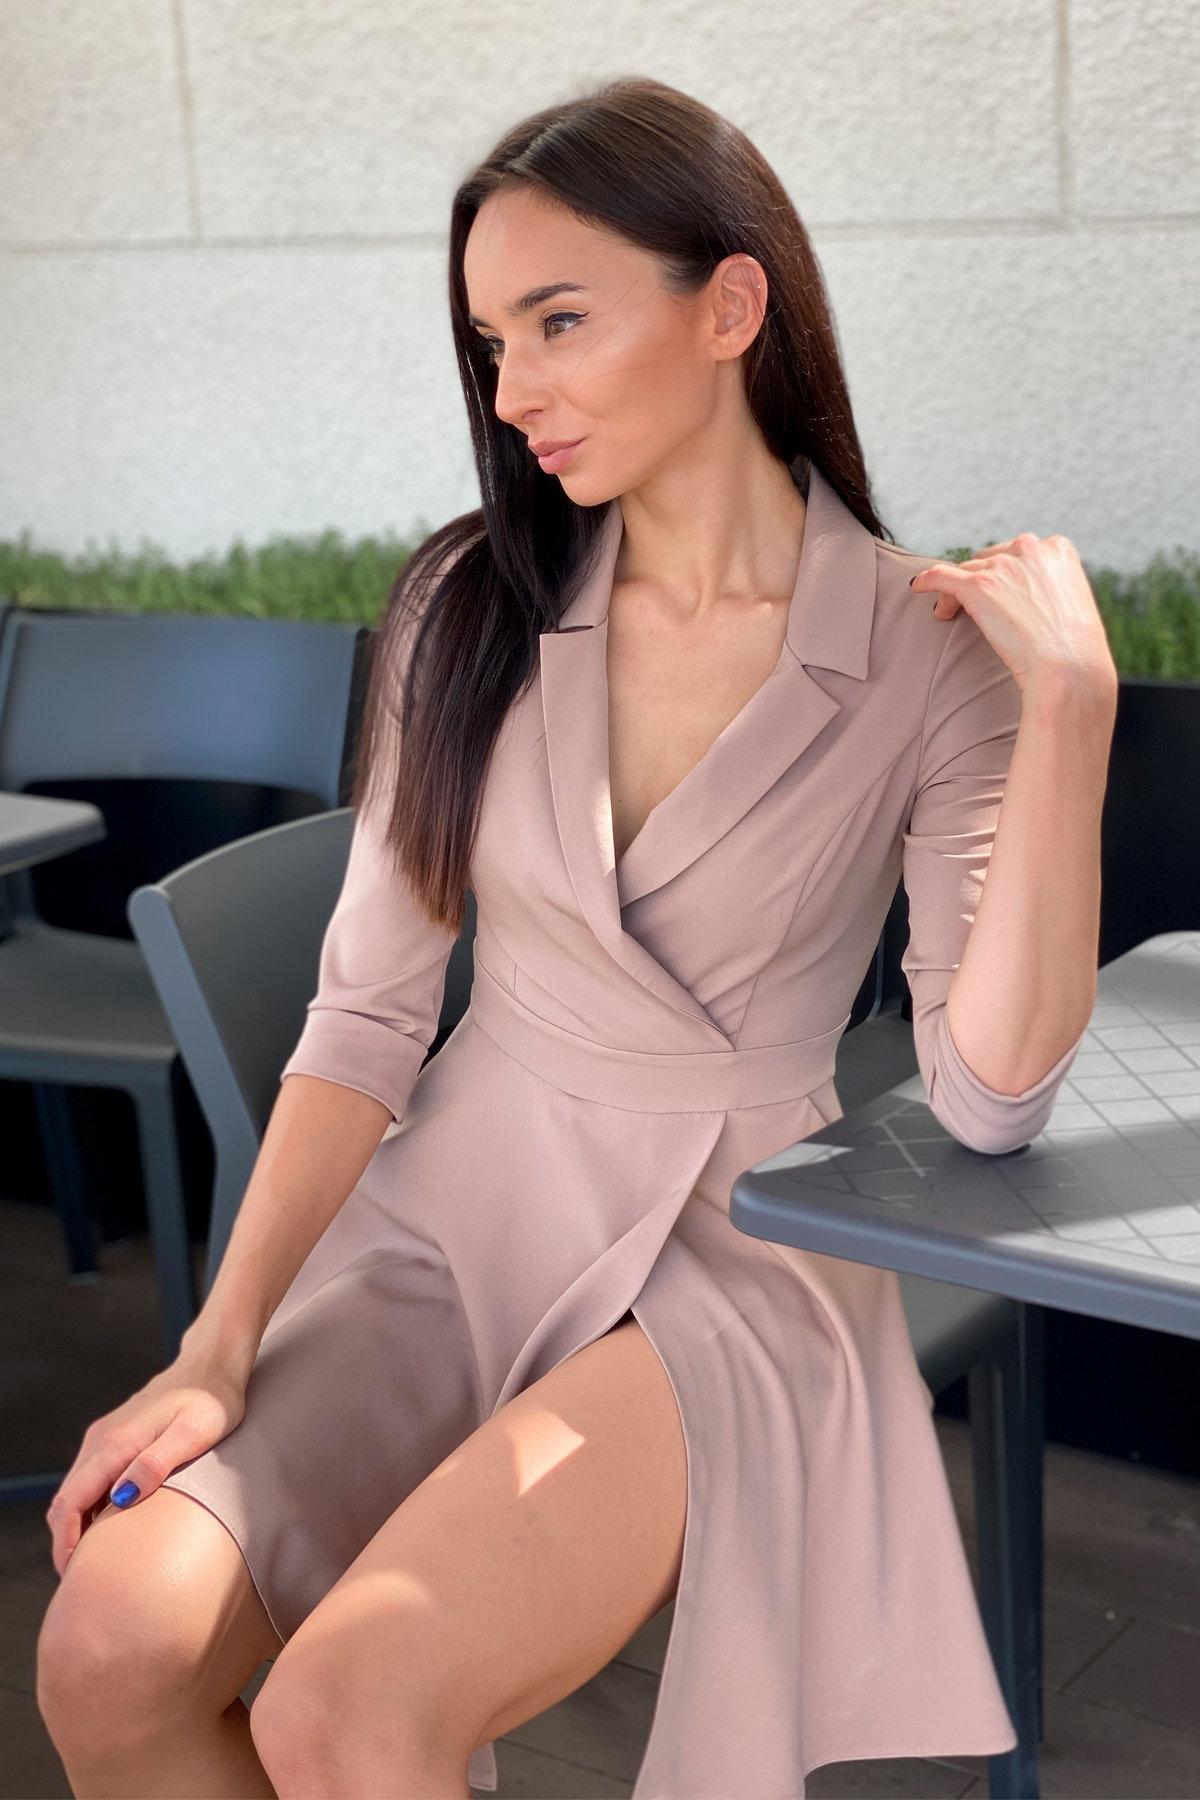 Платье Малья 7678 АРТ. 45991 Цвет: Бежевый Темный - фото 4, интернет магазин tm-modus.ru